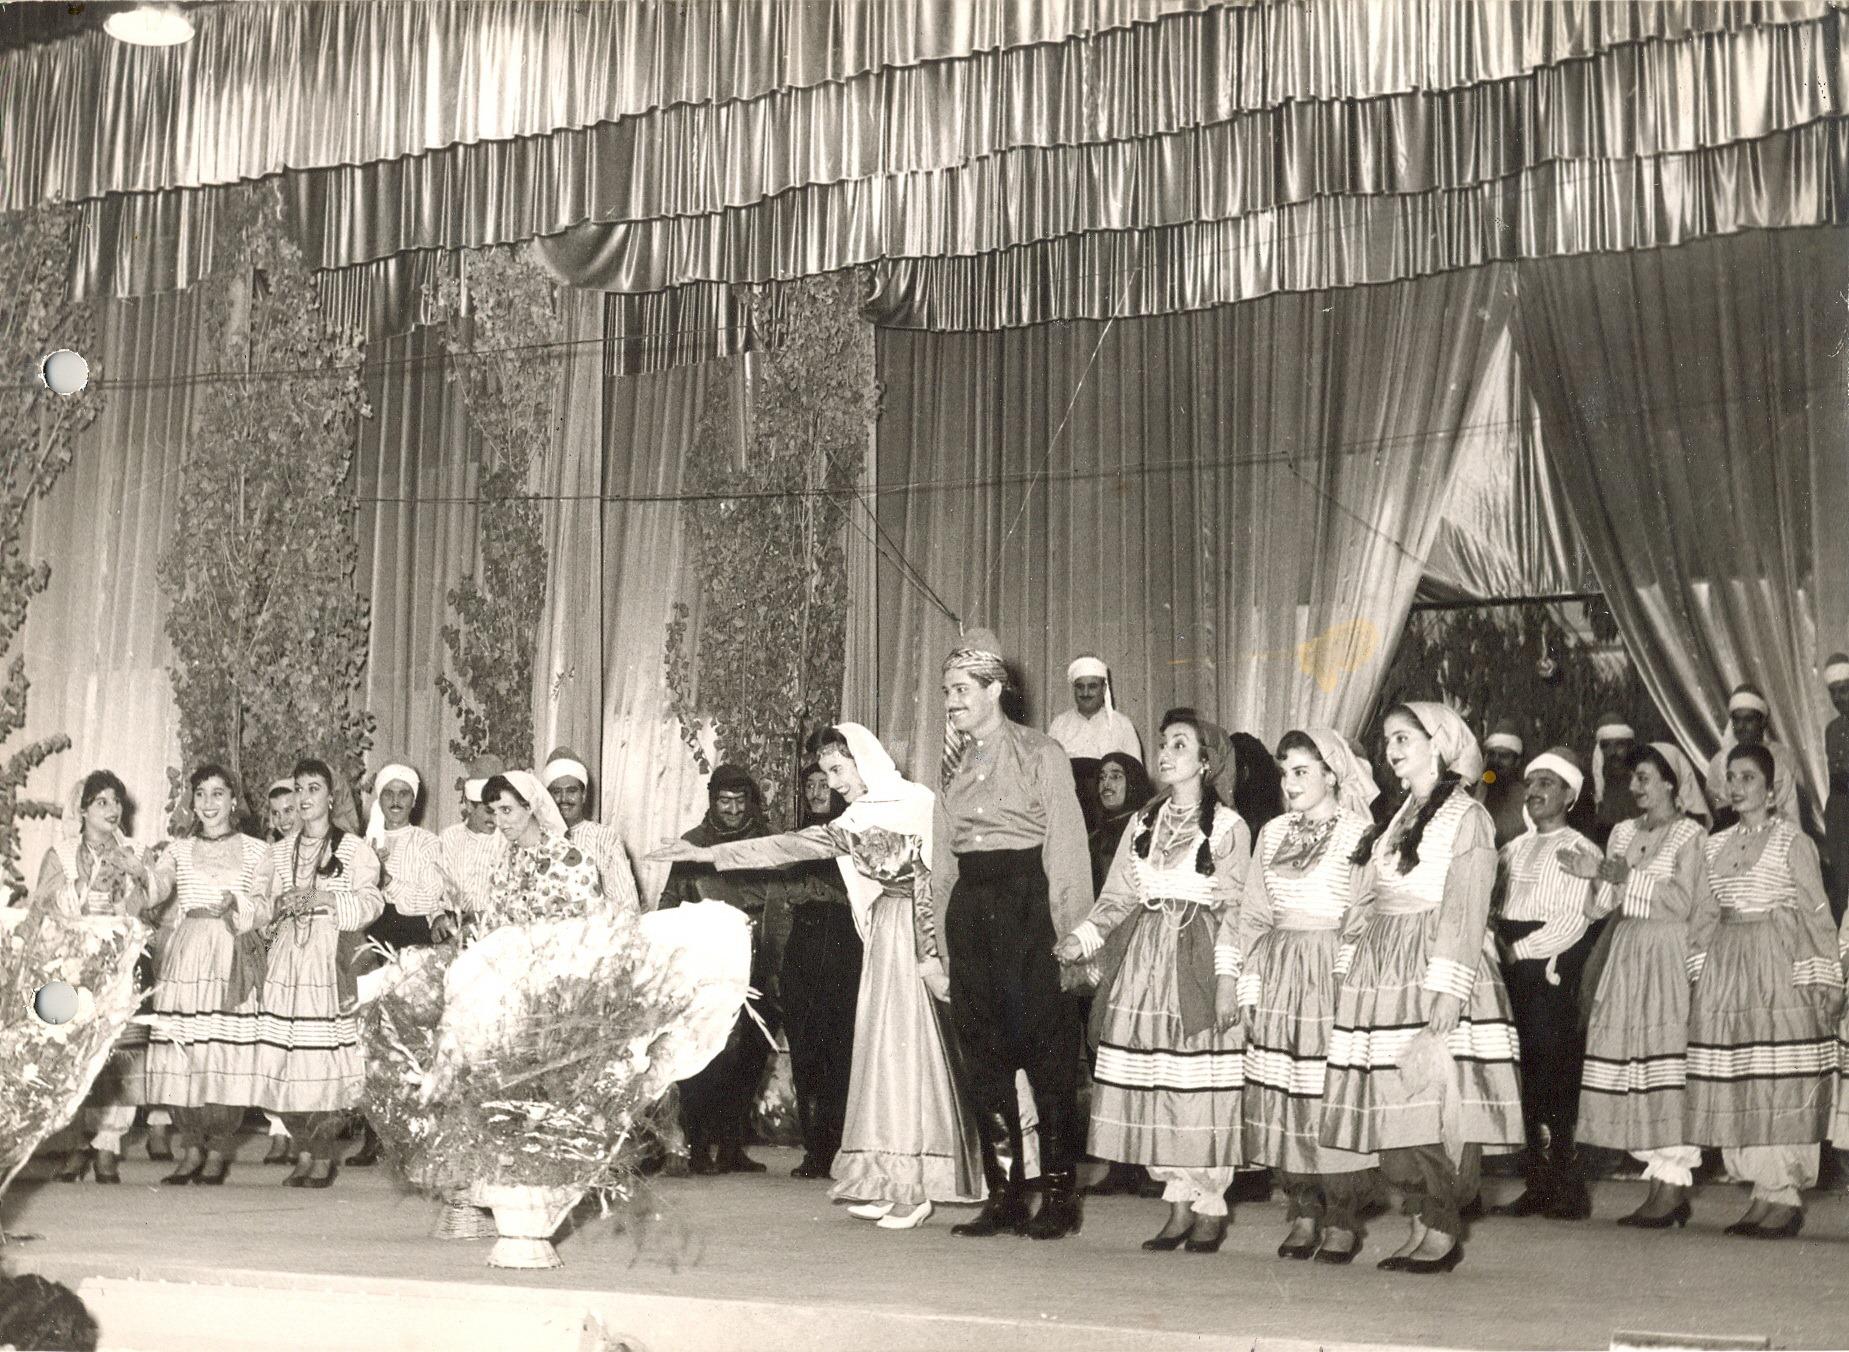 فيروز وفرقتها الشعبية على مسرح معرض دمشق الدولي عام 1959م